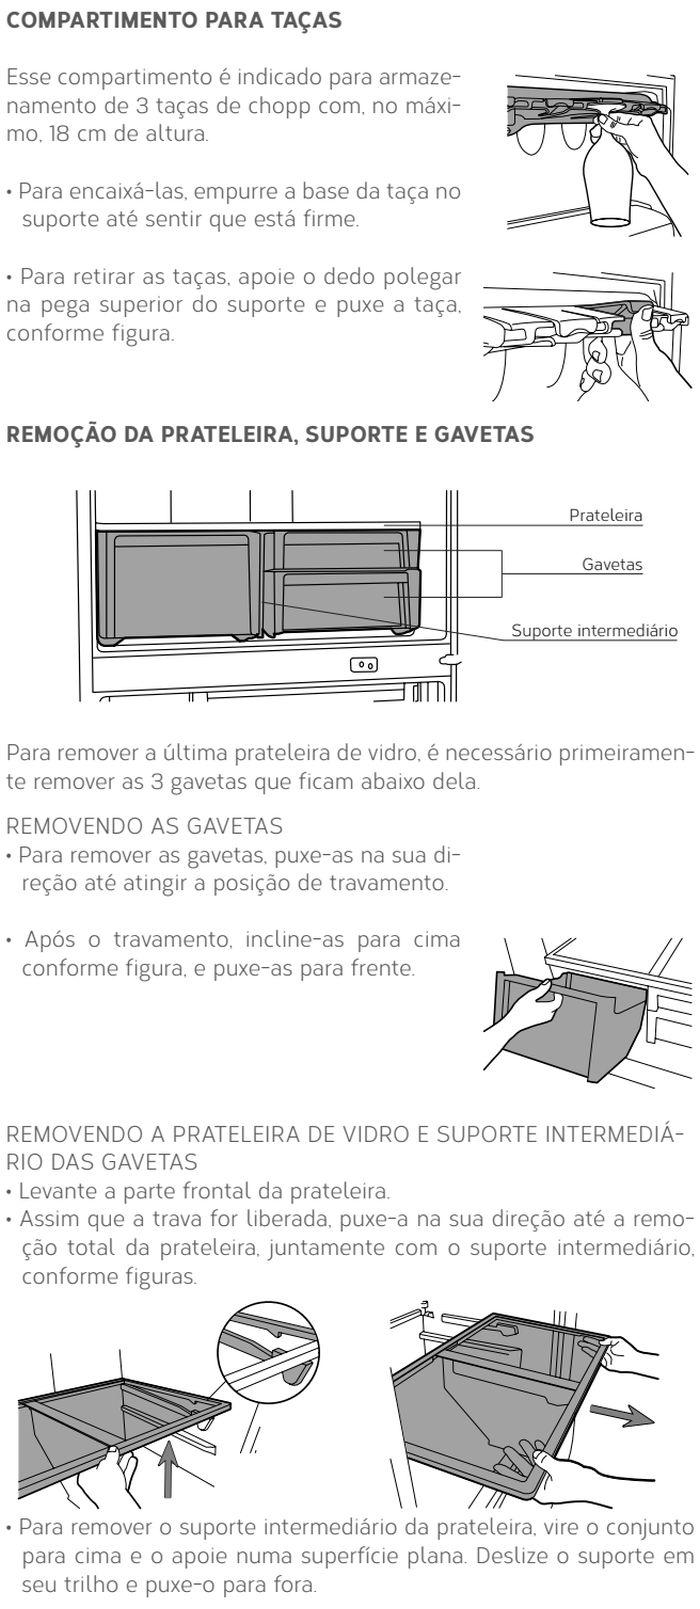 Geladeira Brastemp - BRO81 - conhecendo produto 3